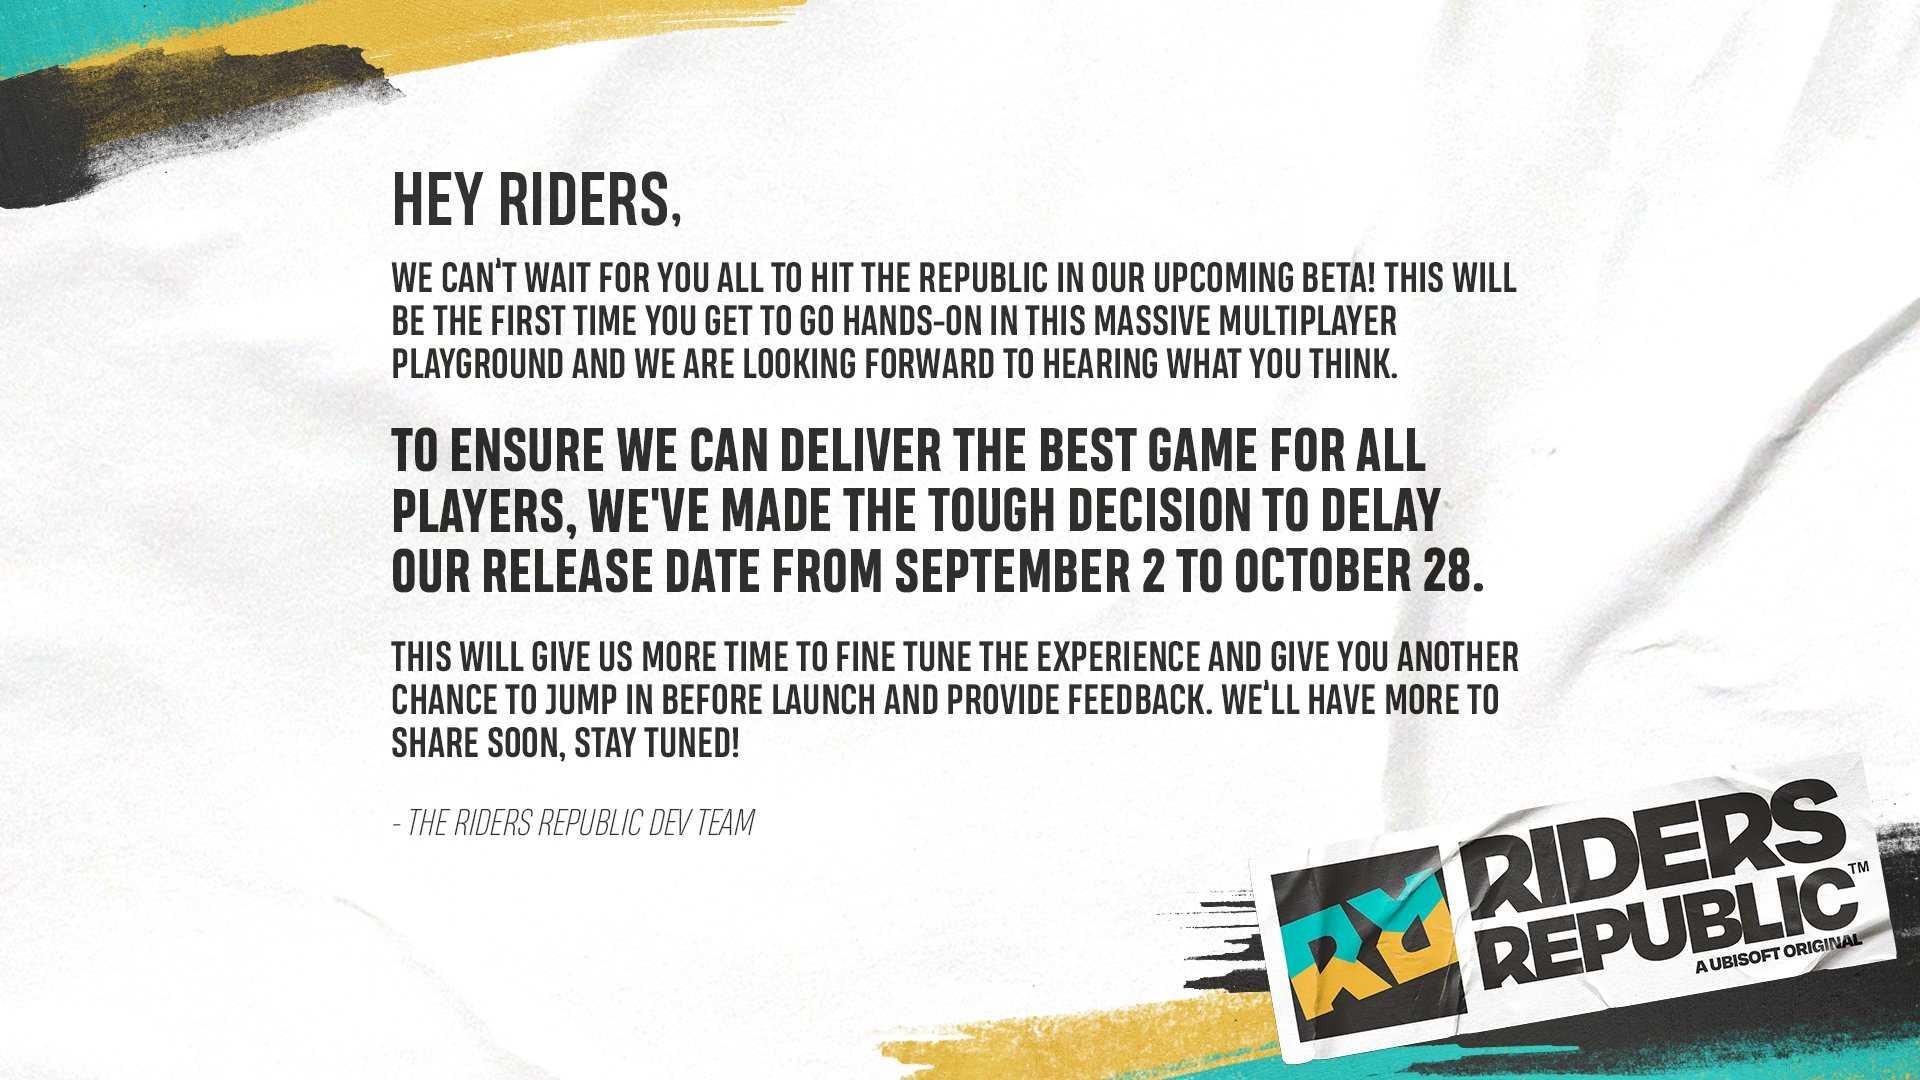 Riders Republic verschoben - Information